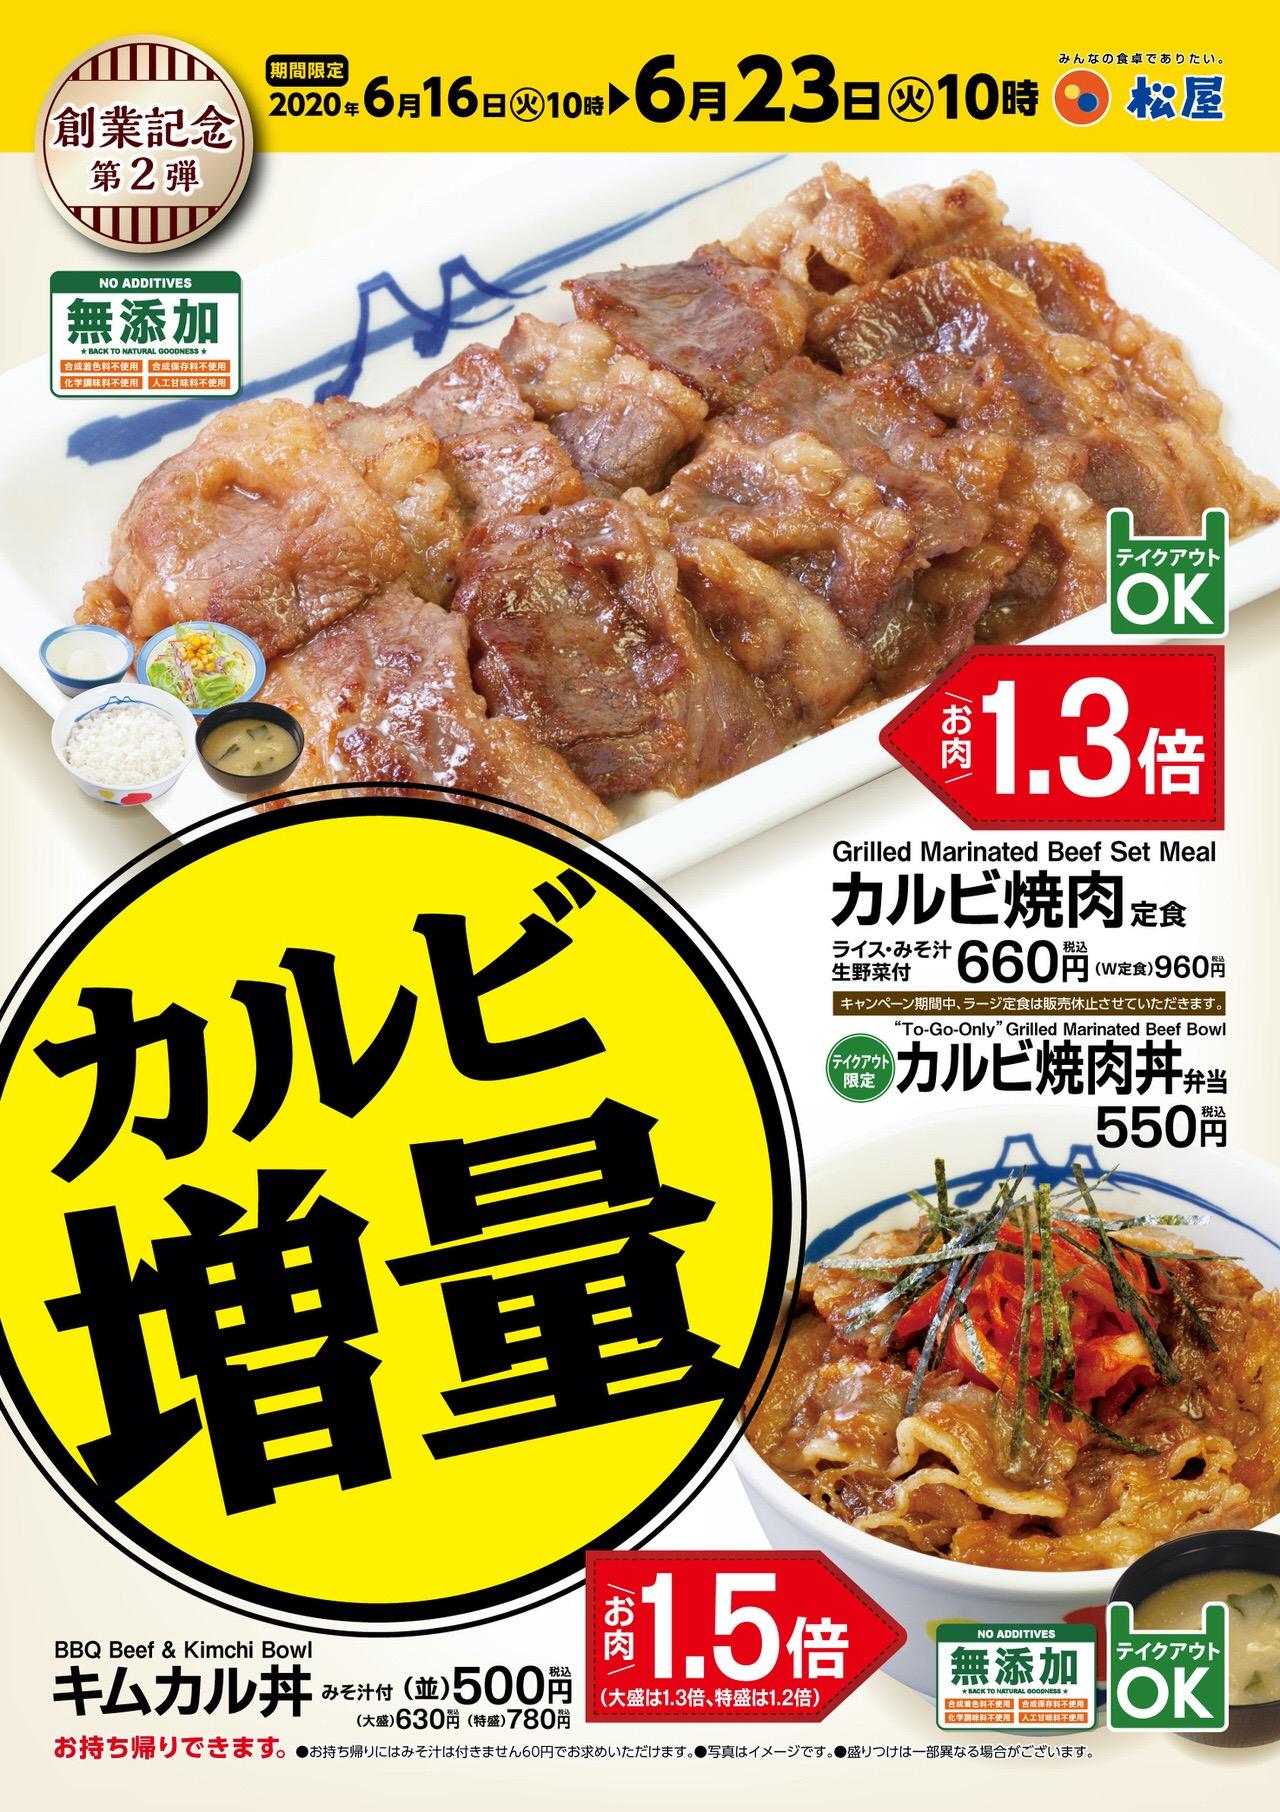 【松屋】最大1.5倍の「カルビ増量キャンペーン」期間限定で開催(6/16から)